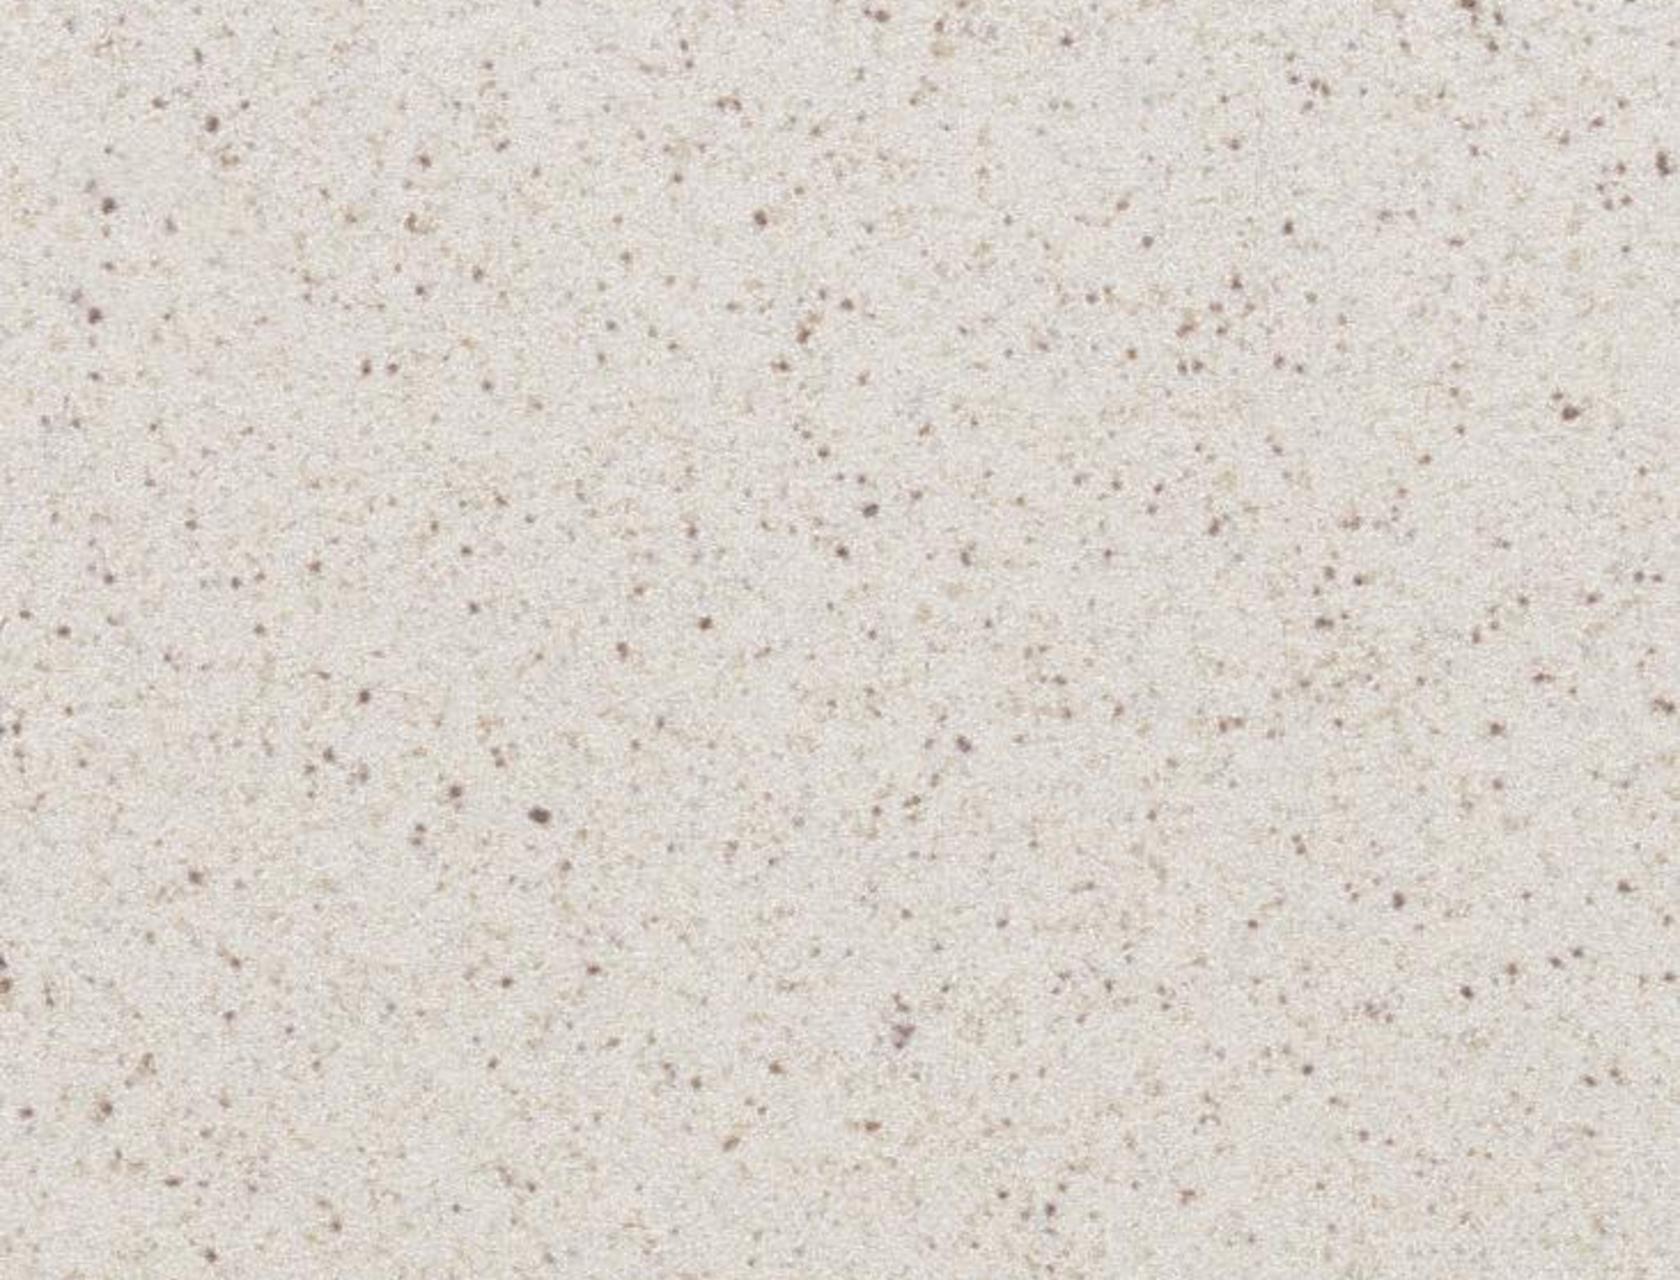 Gres porcellanato effetto granito bianco per interni tampa for Gradini in gres porcellanato